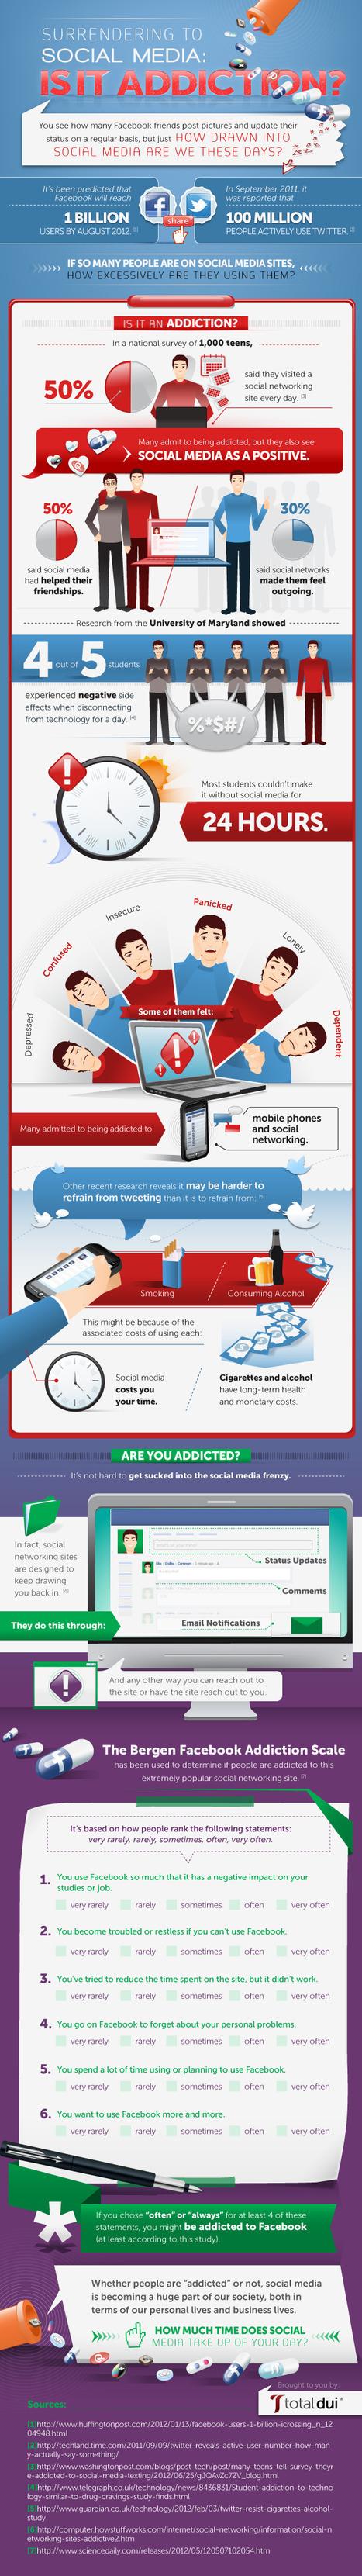 How Addictive Is Social Media? [INFOGRAPHIC] | aquarium | Scoop.it